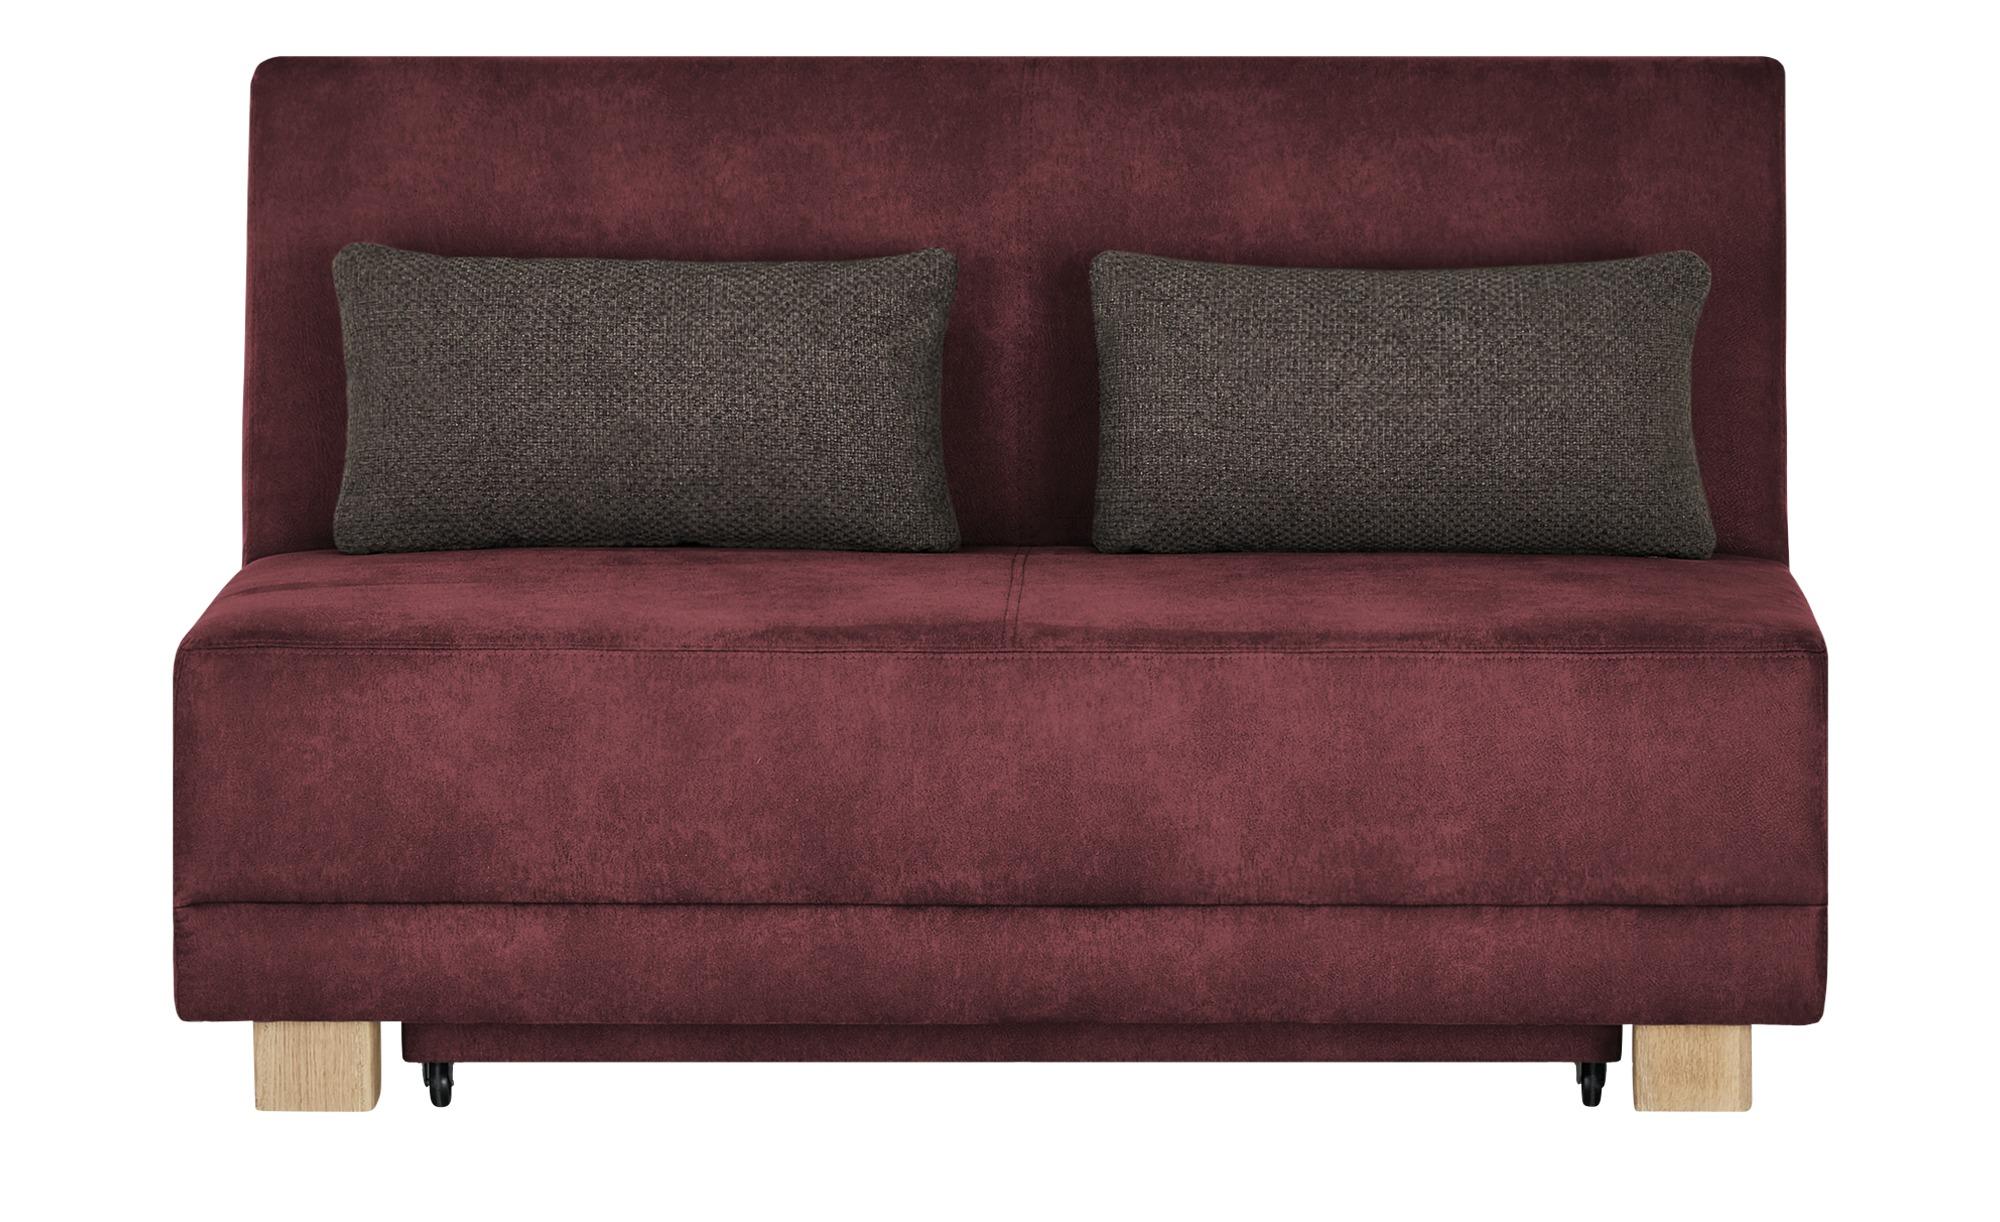 Schlafsofa  Vally ¦ rot ¦ Maße (cm): B: 145 H: 90 T: 105 Polstermöbel > Sofas > Einzelsofas - Höffner